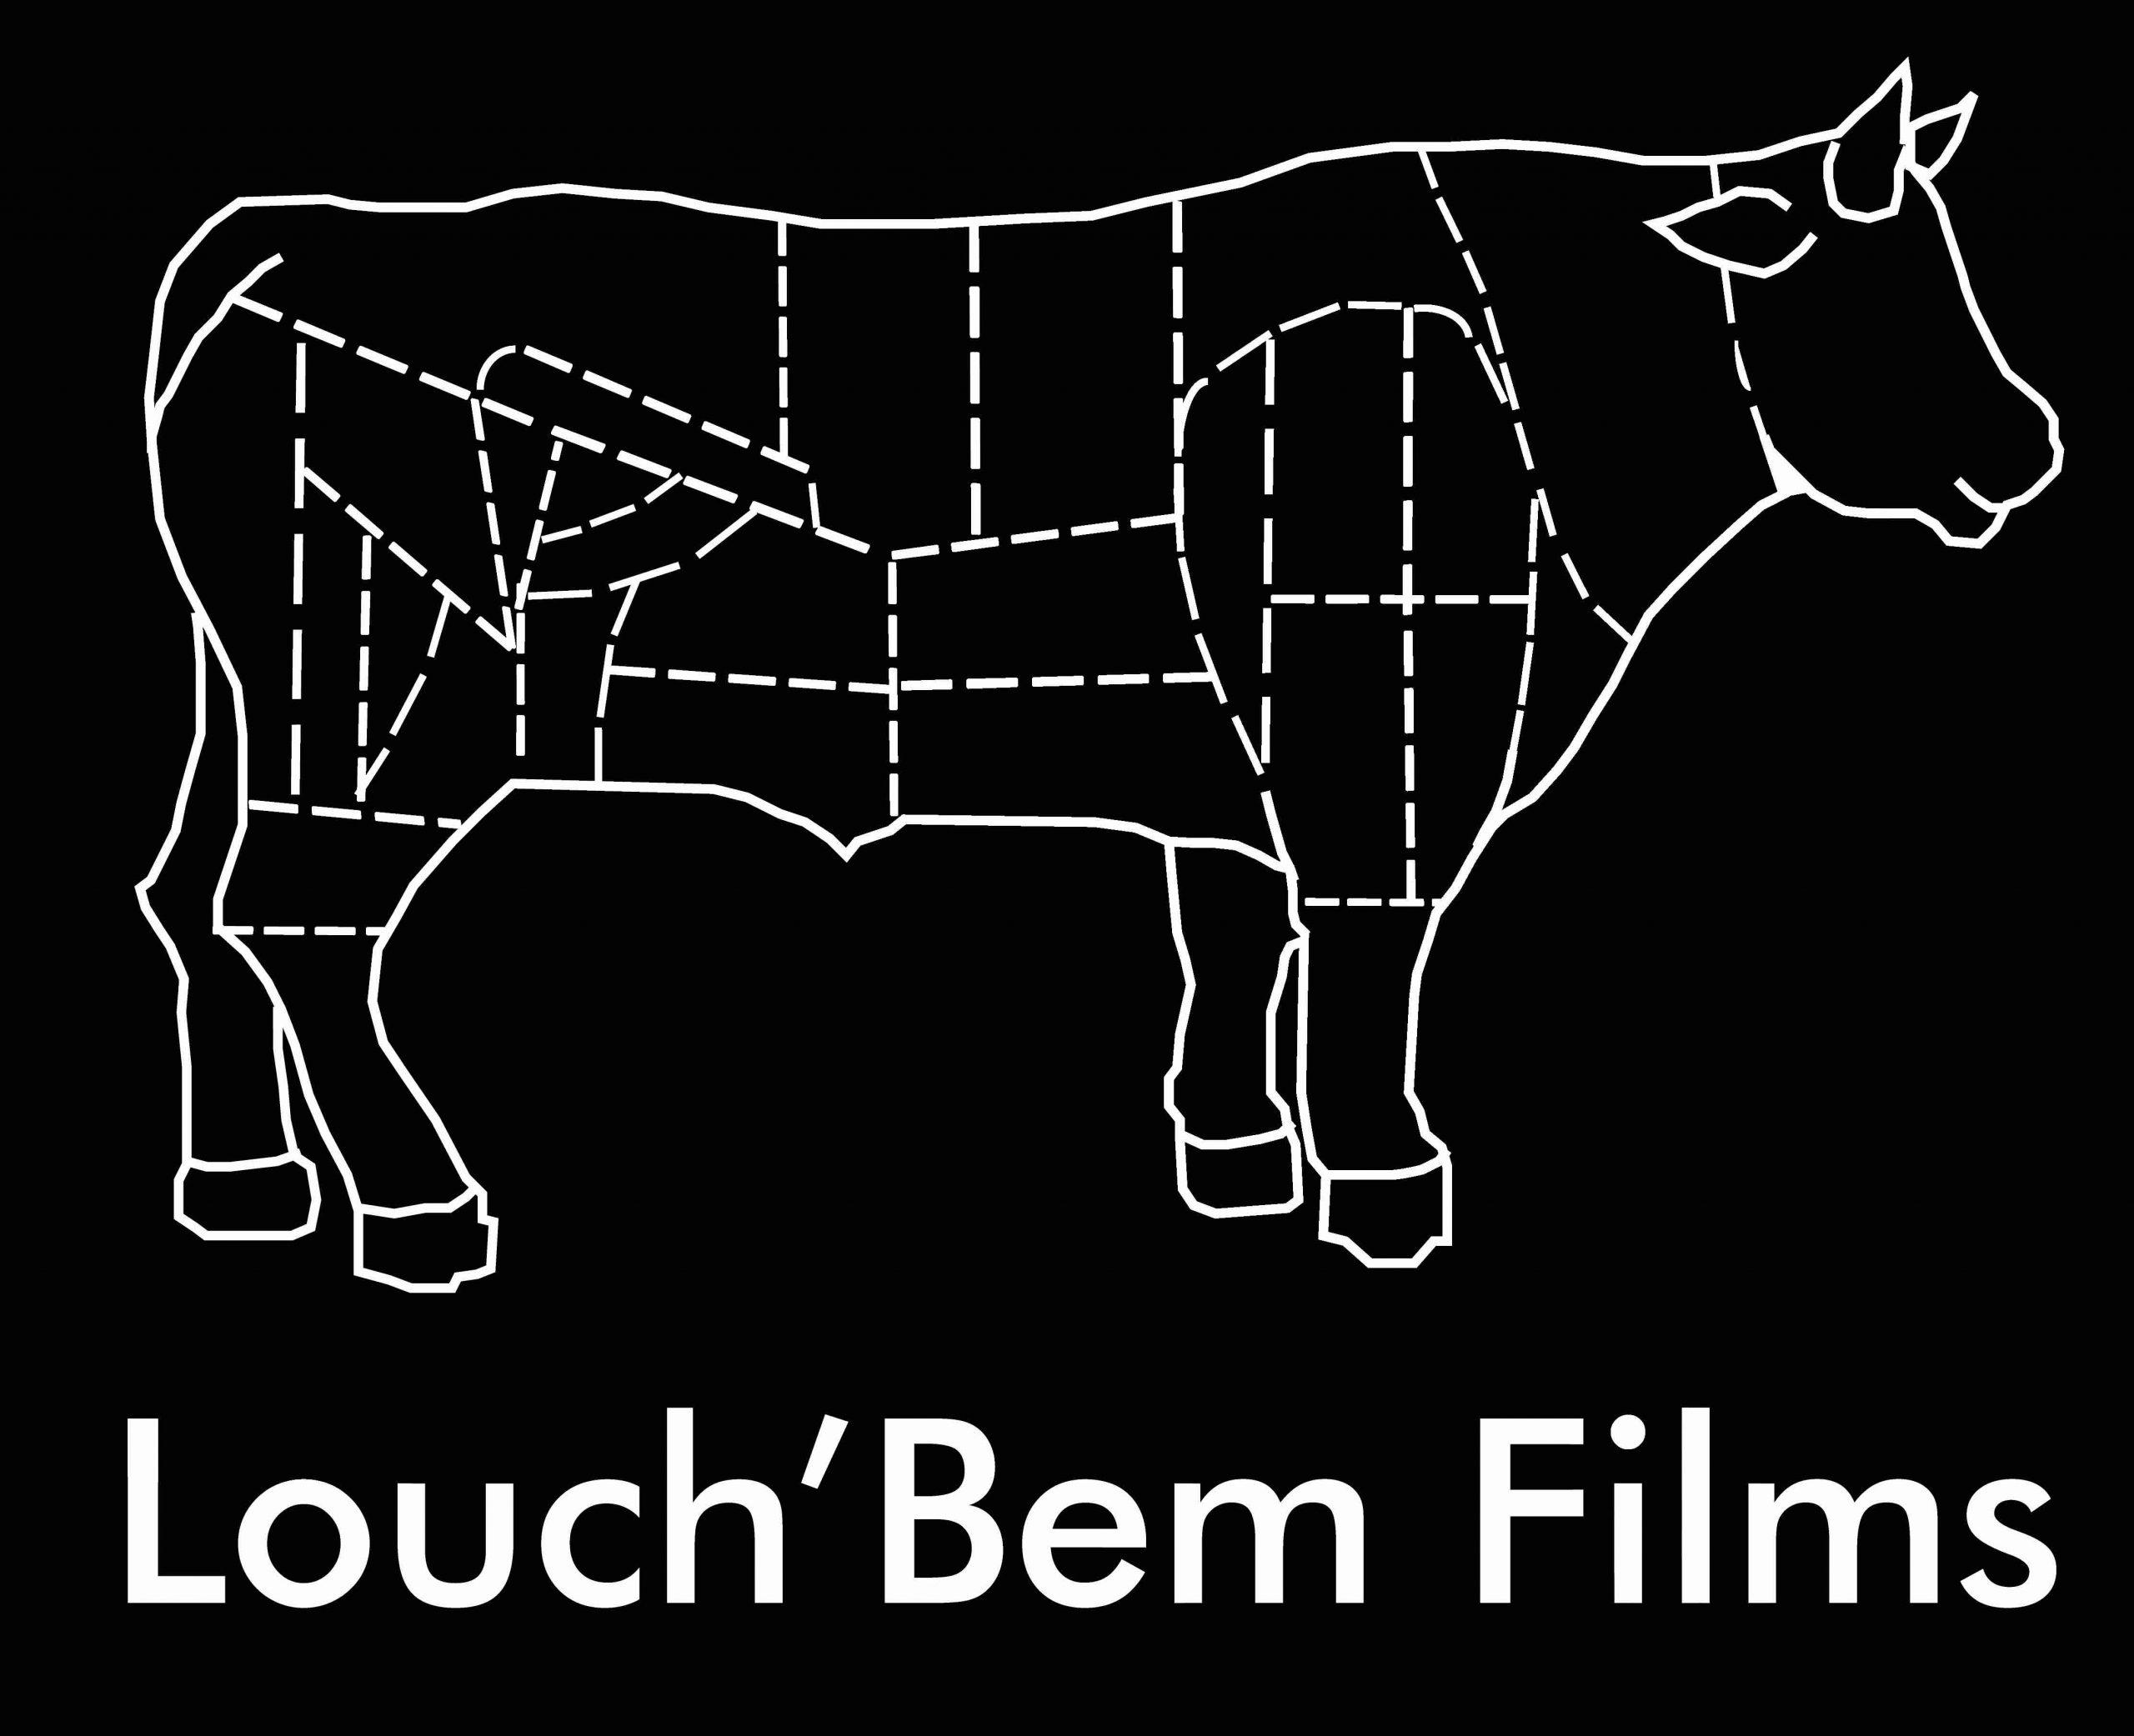 LOUCH'BEM-LOGO-Black.jpg